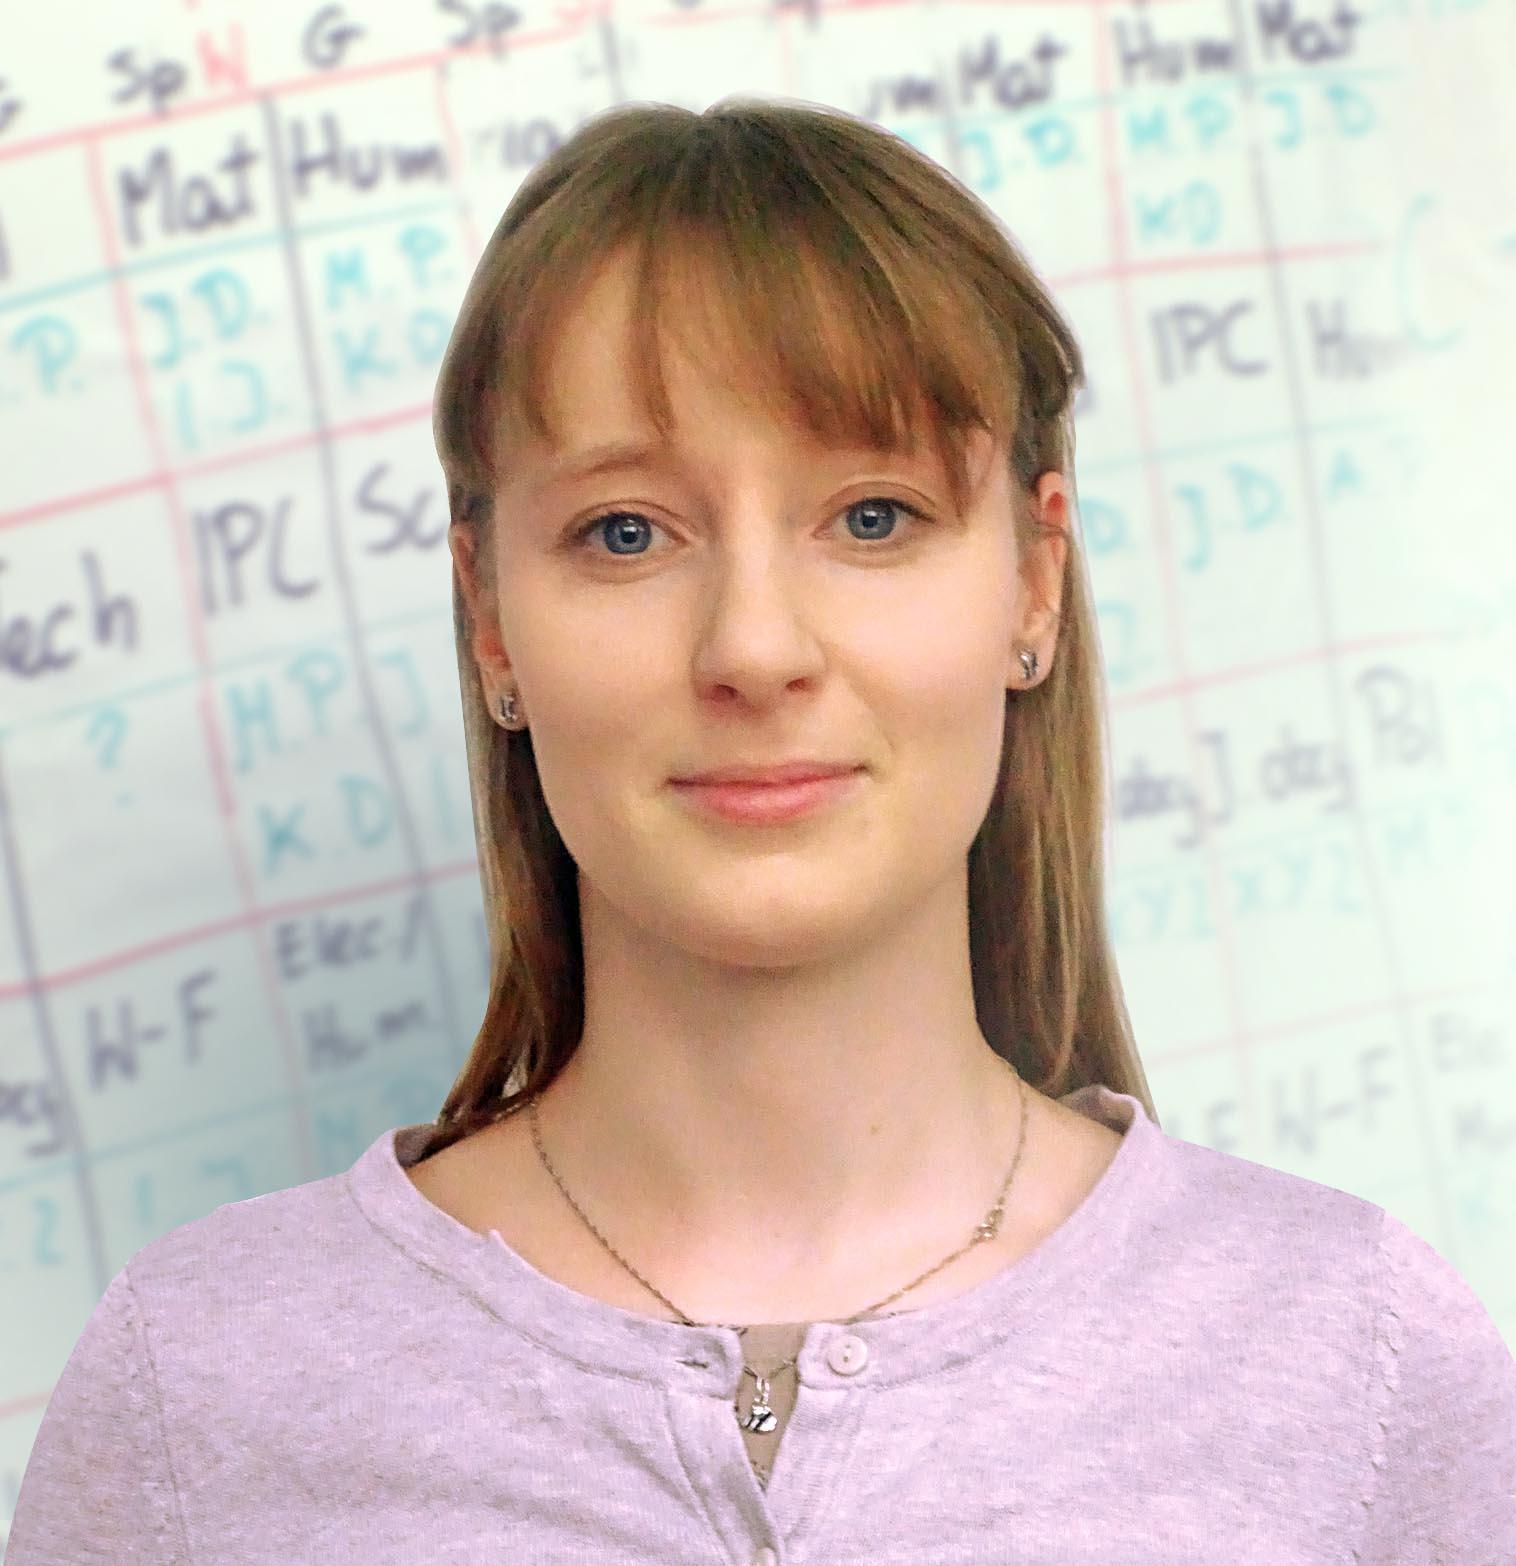 Karolina Olszewska